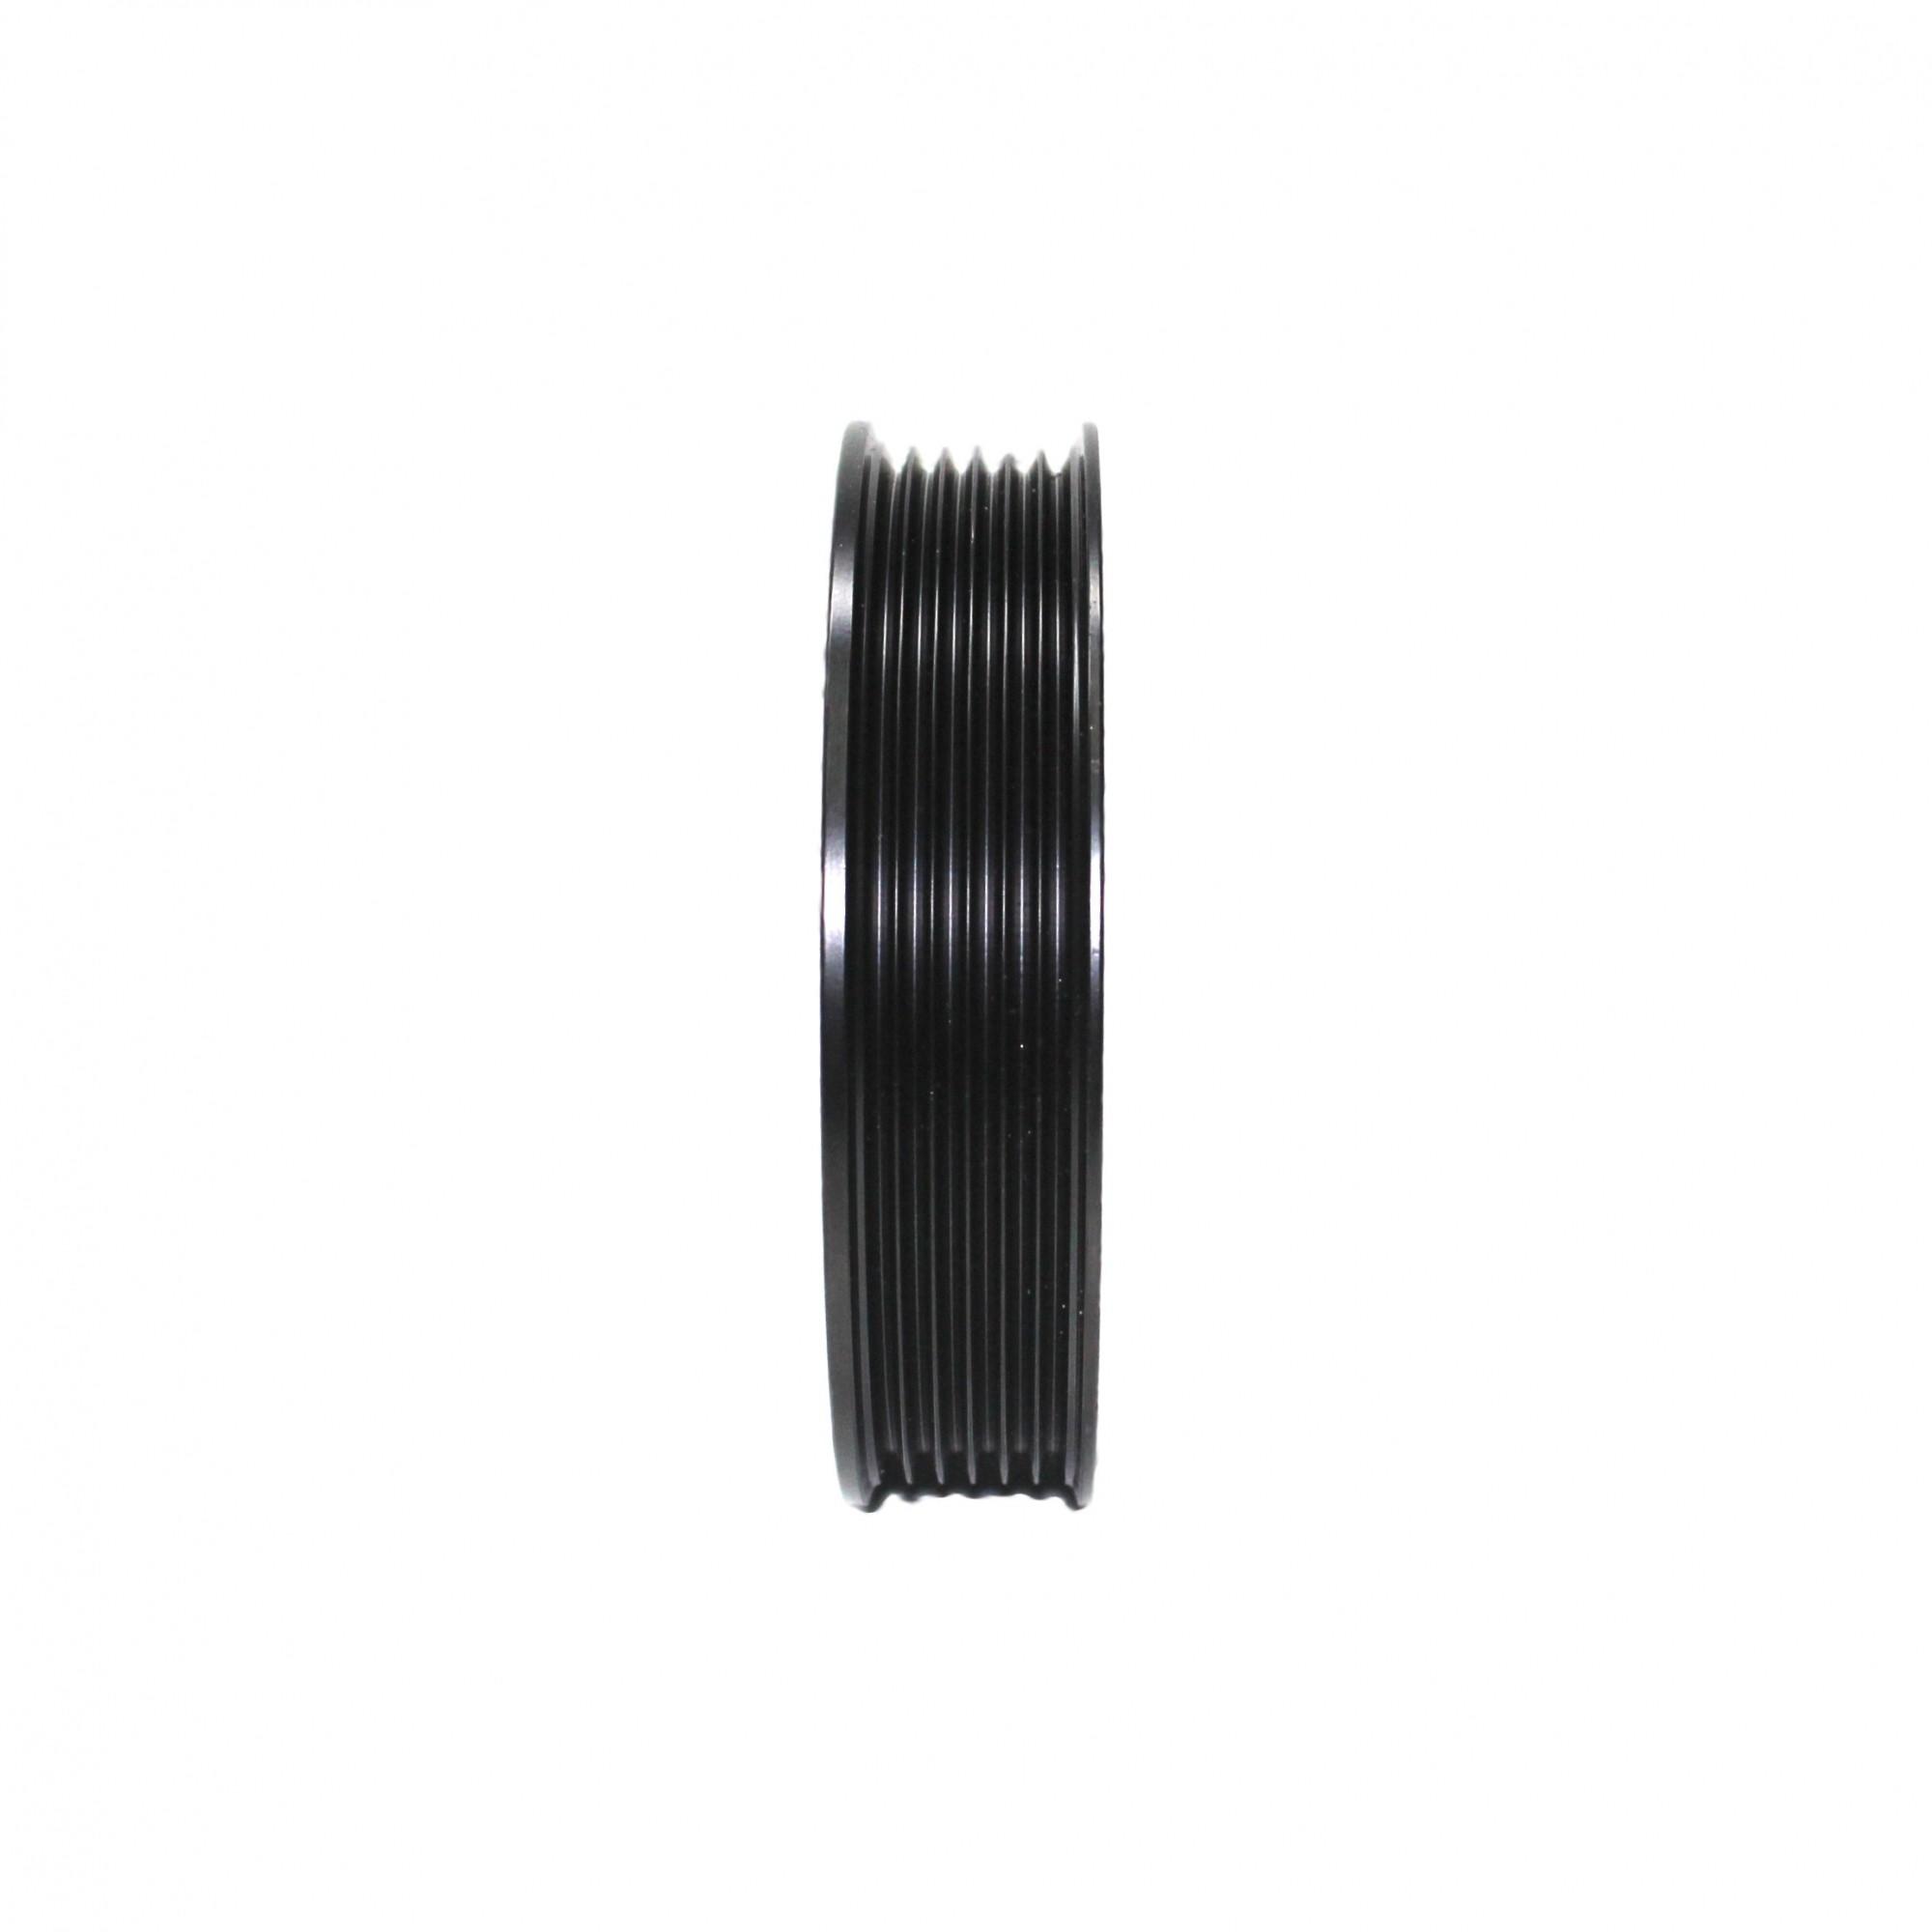 Polia Compressor Ar Condicionado Denso 6PK Gol, Saveiro, Parati 1.0 c/ Rolamento